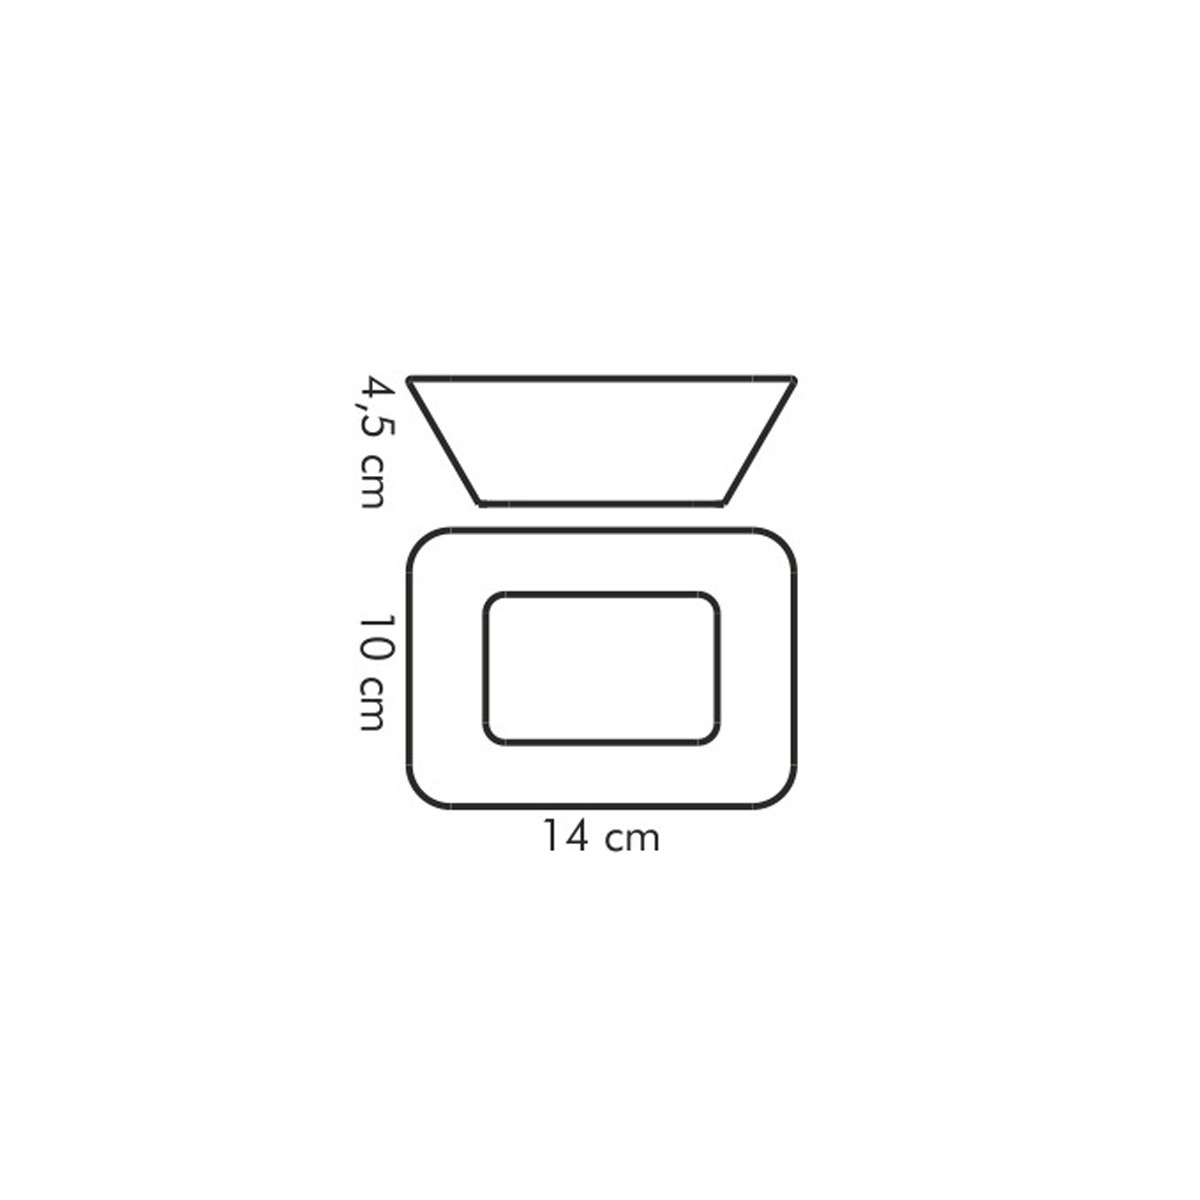 Miska na kompot GUSTITO 14x10 cm